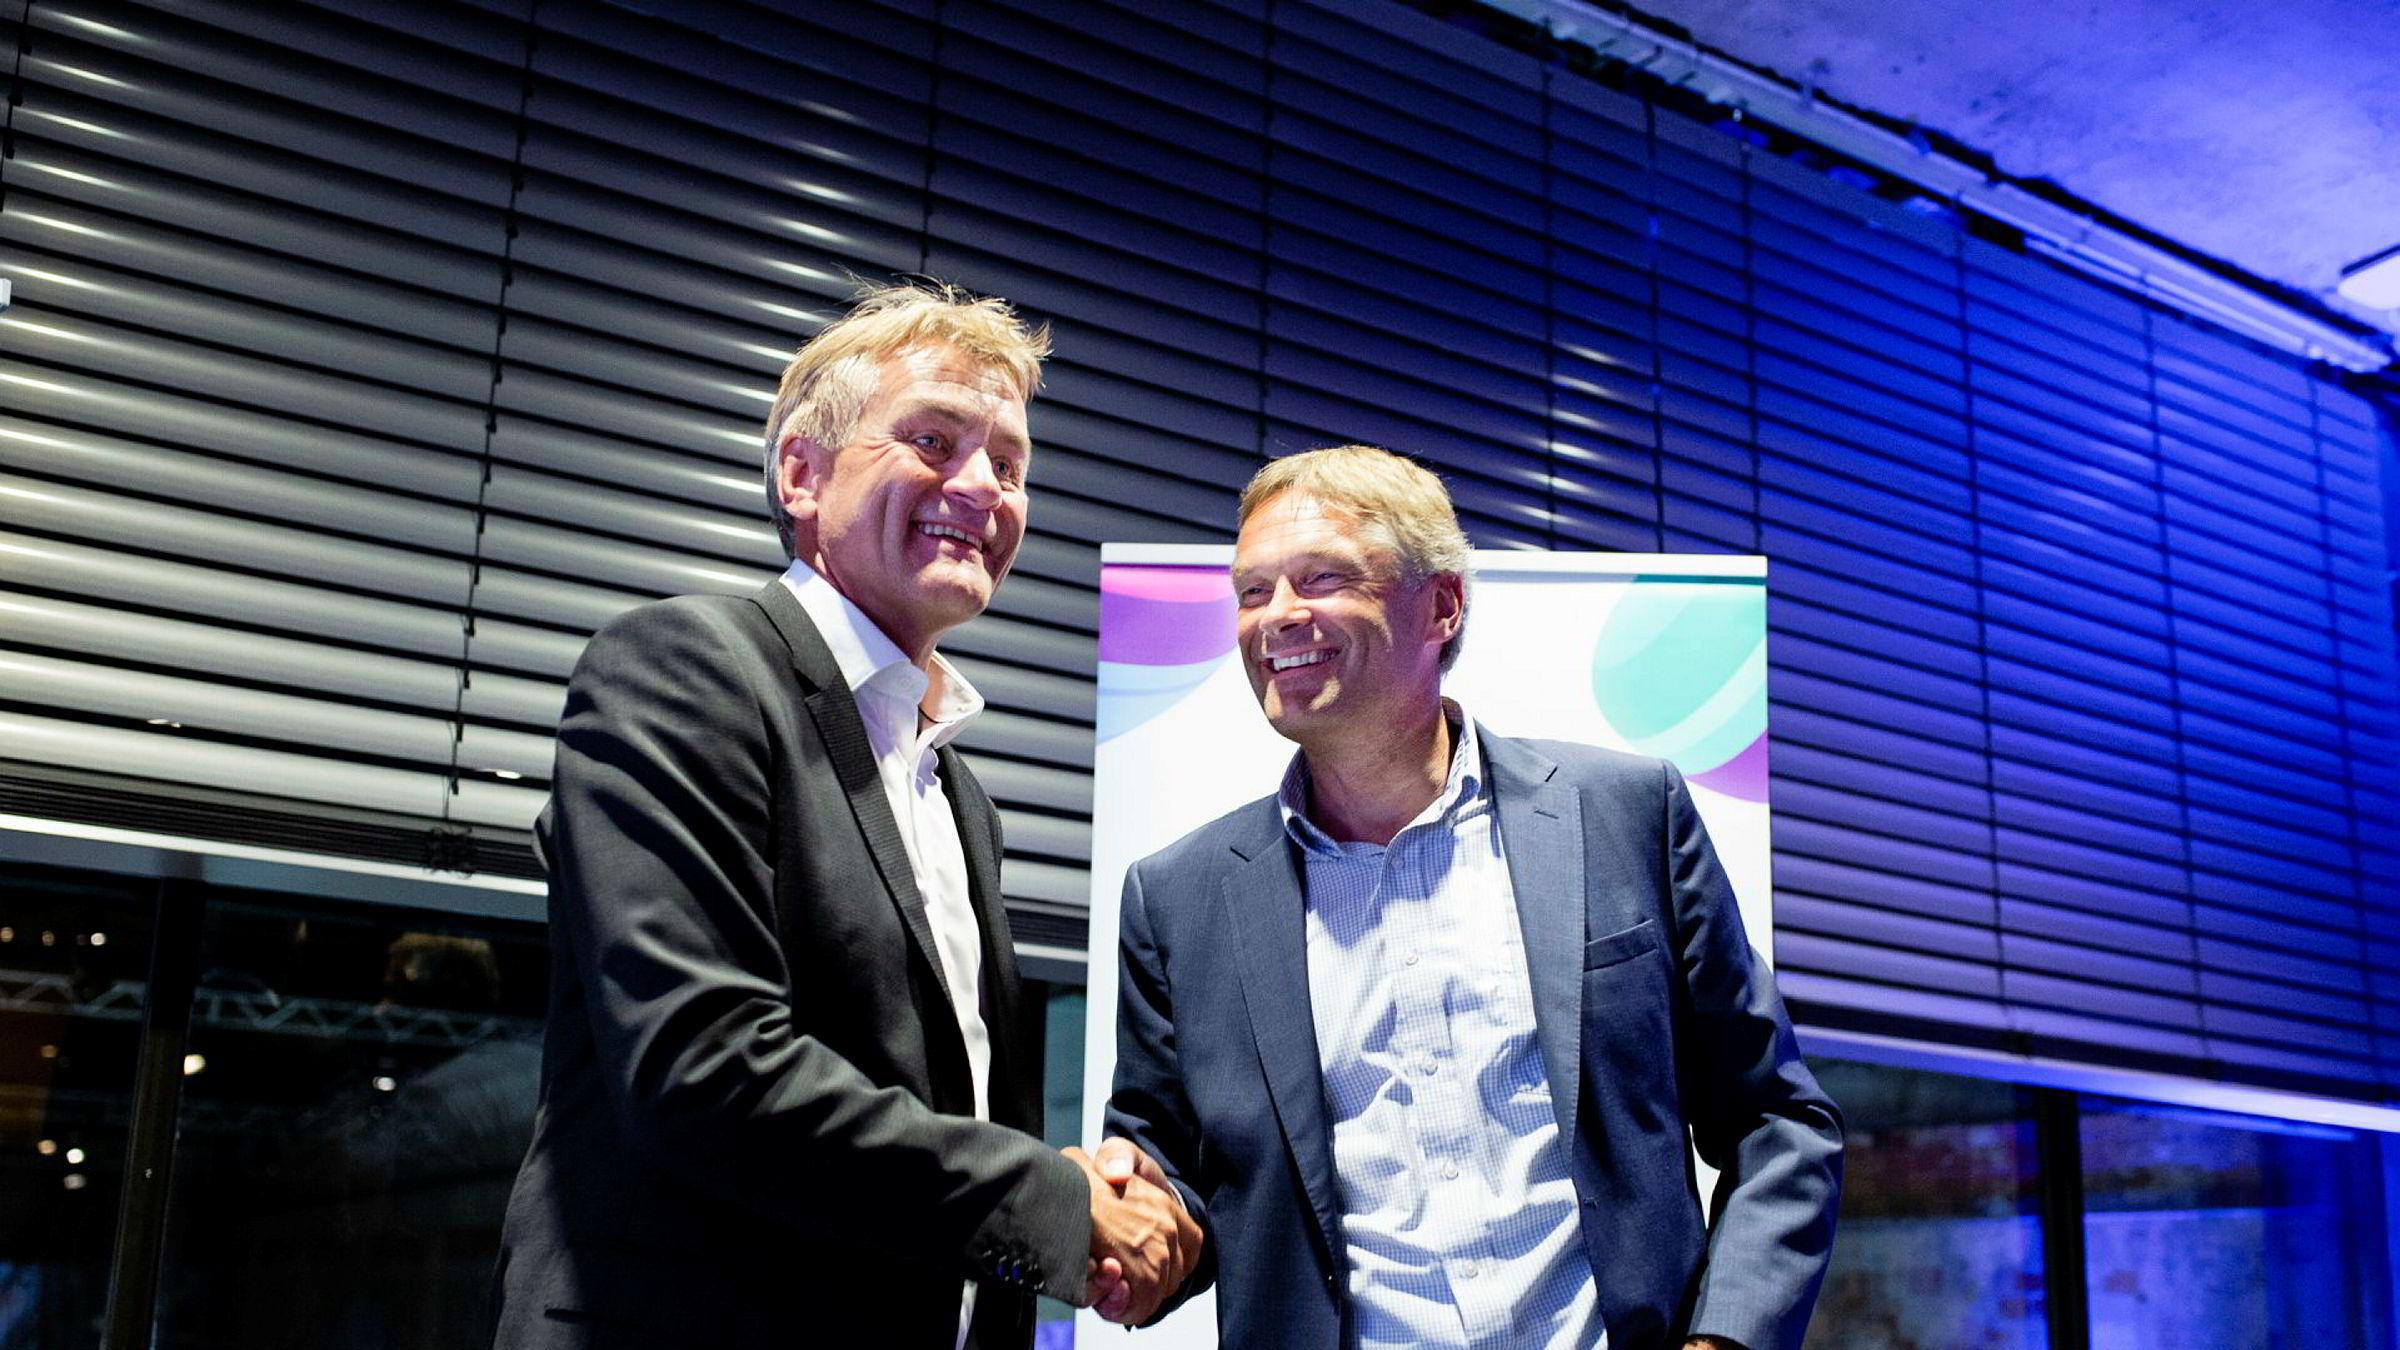 Get og TDC-sjef Gunnar Evensen (til venstre) og administrerende direktør Abraham Foss i Telia Norge under pressekonferansen på Doga i Oslo tirsdag – den samme dagen Telenor slapp sine kvartalstall.